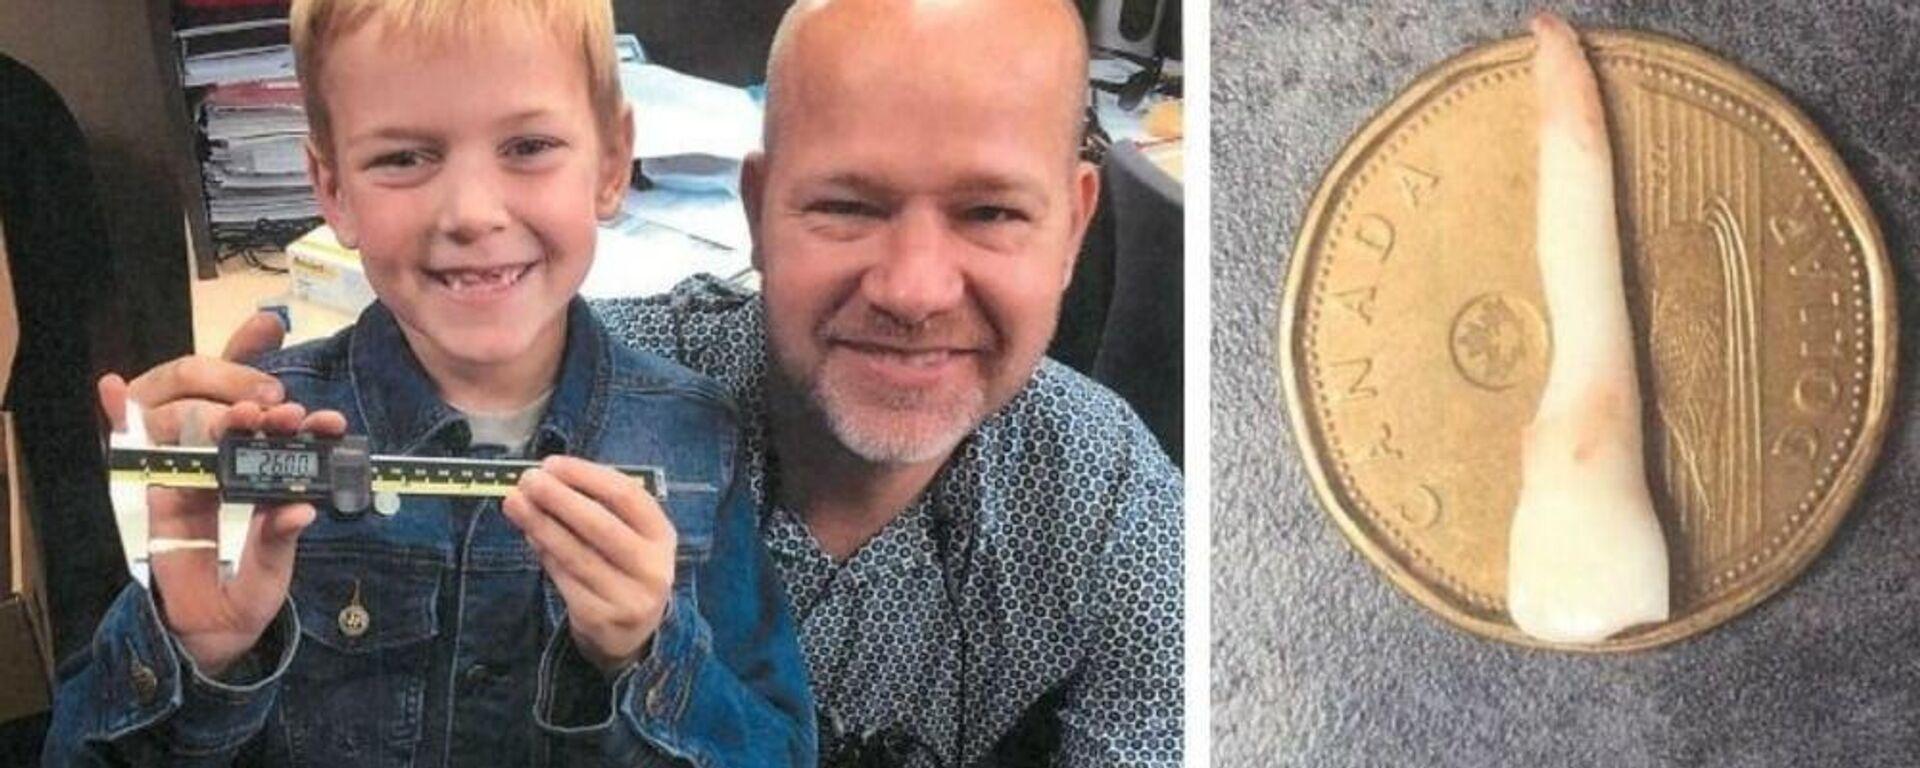 Αγοράκι από τον Καναδά έχει το παγκόσμιο ρεκόρ για το μεγαλύτερο παιδικό δόντι - Sputnik Ελλάδα, 1920, 03.04.2021